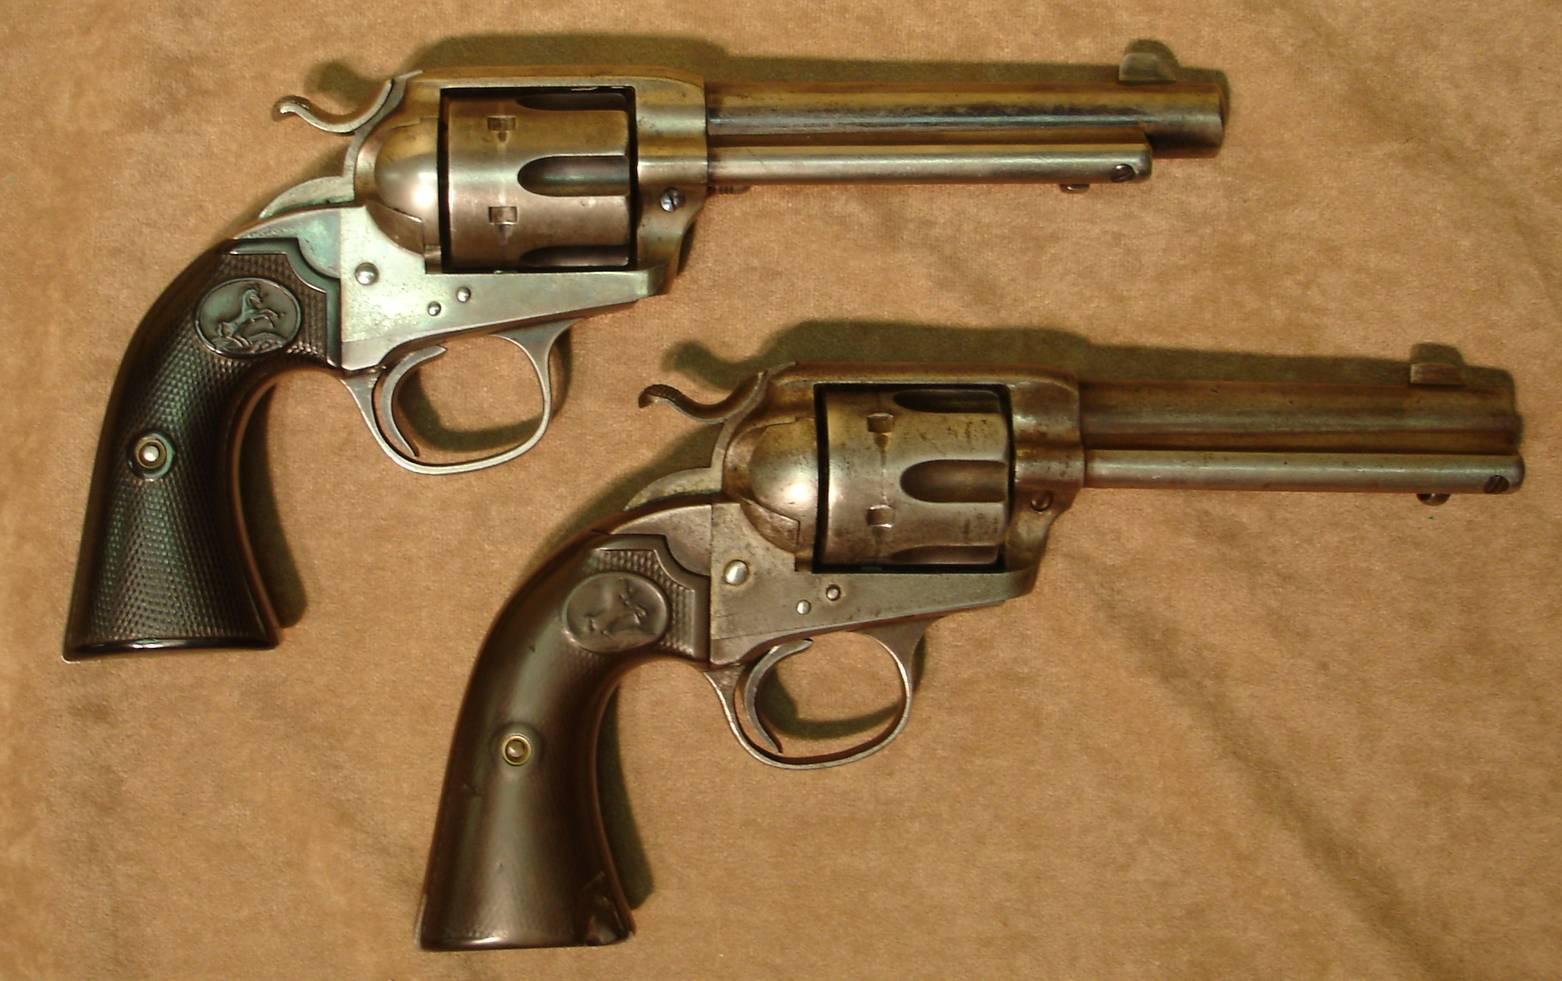 http://2.bp.blogspot.com/-9eL7nUqtbM4/Tq7rEvLmdeI/AAAAAAAAATQ/p6K7TUMPNy0/s1600/Colt+Bisley+in+38+WCF.jpg